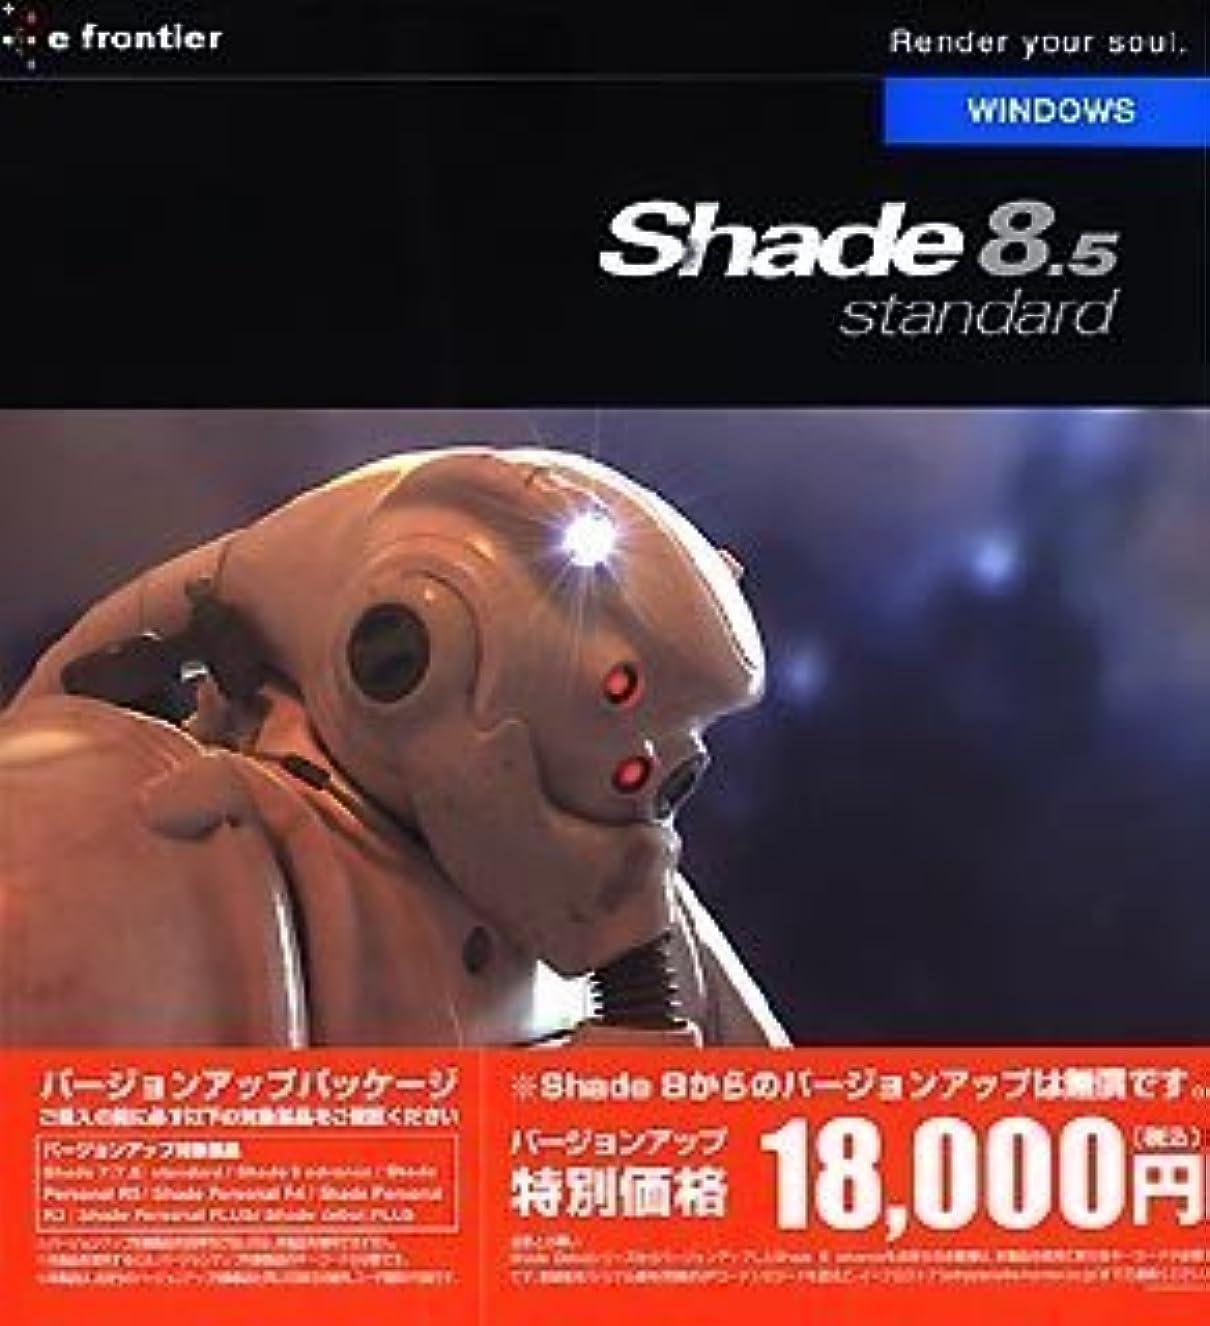 熟練したつづり懺悔Shade 8.5 standard for Windows バージョンアップ版